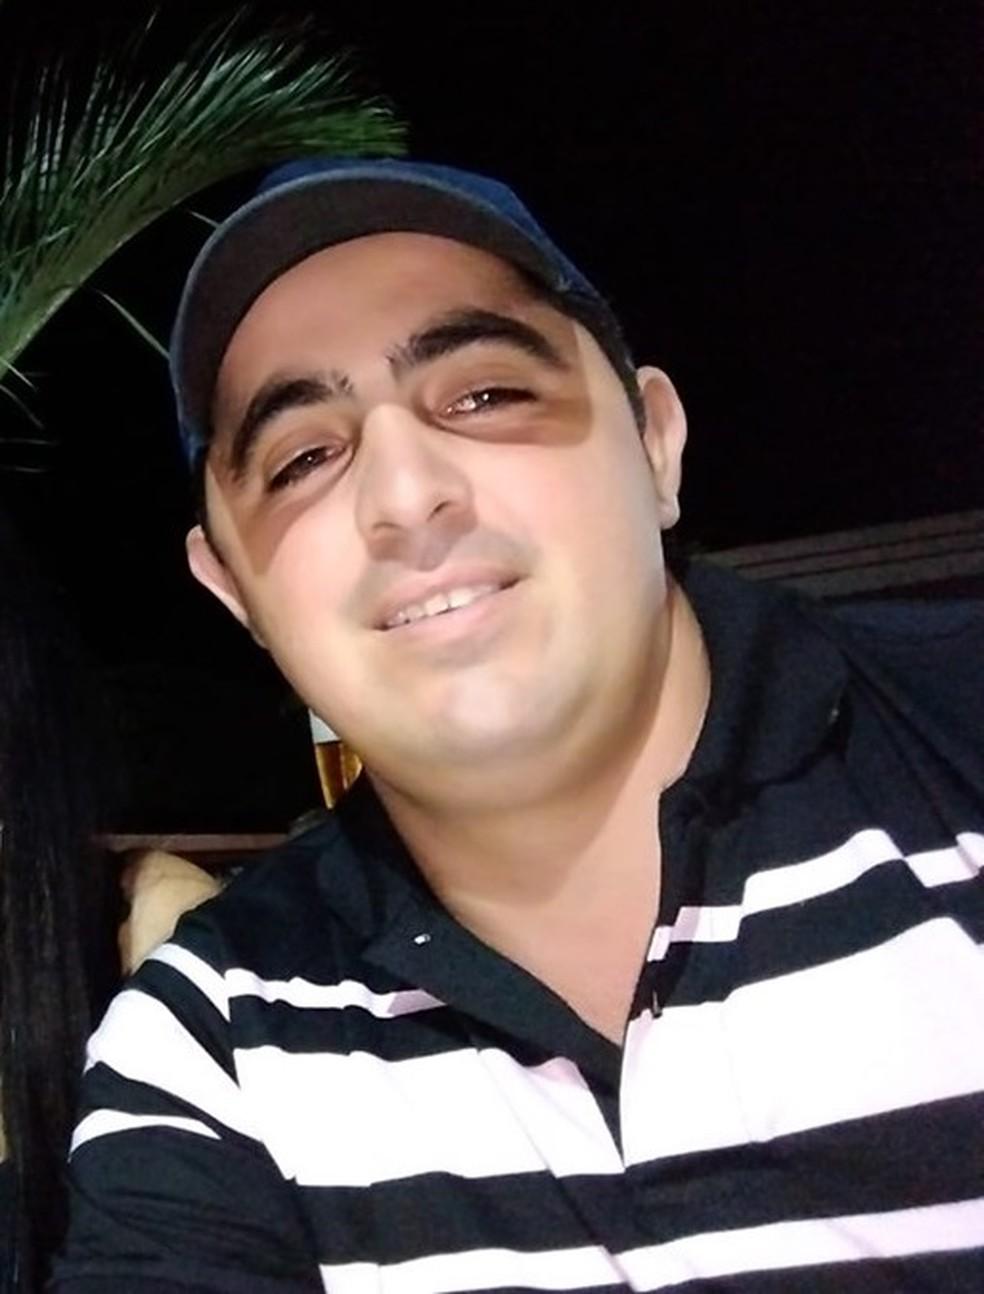 Ronaldo Rosa, marido de Zuilda, foi preso — Foto: Facebook/Reprodução